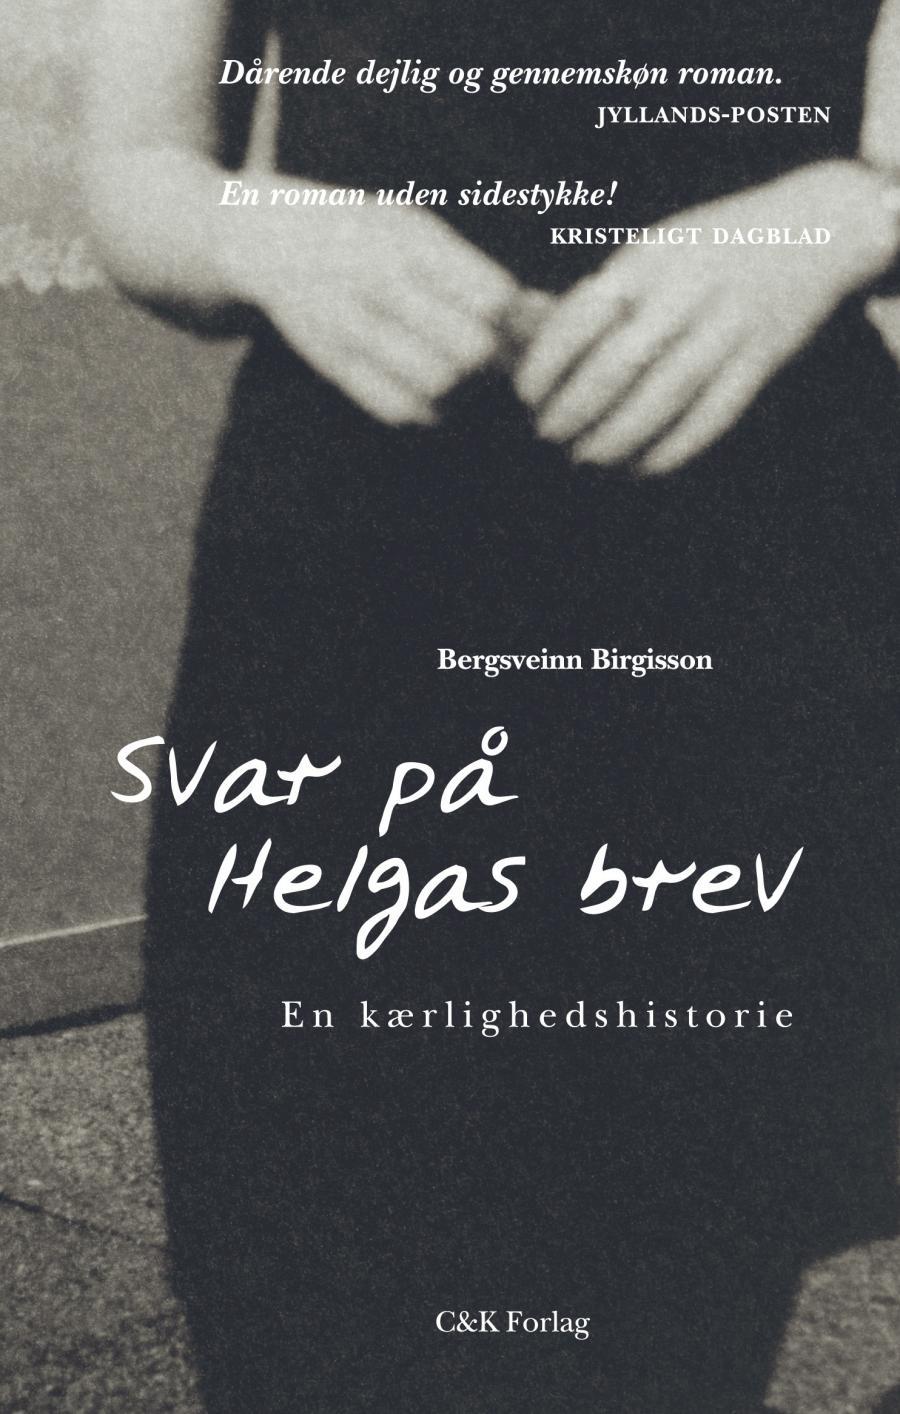 Svar på Helgas brev af Bergsveinn Birgisson